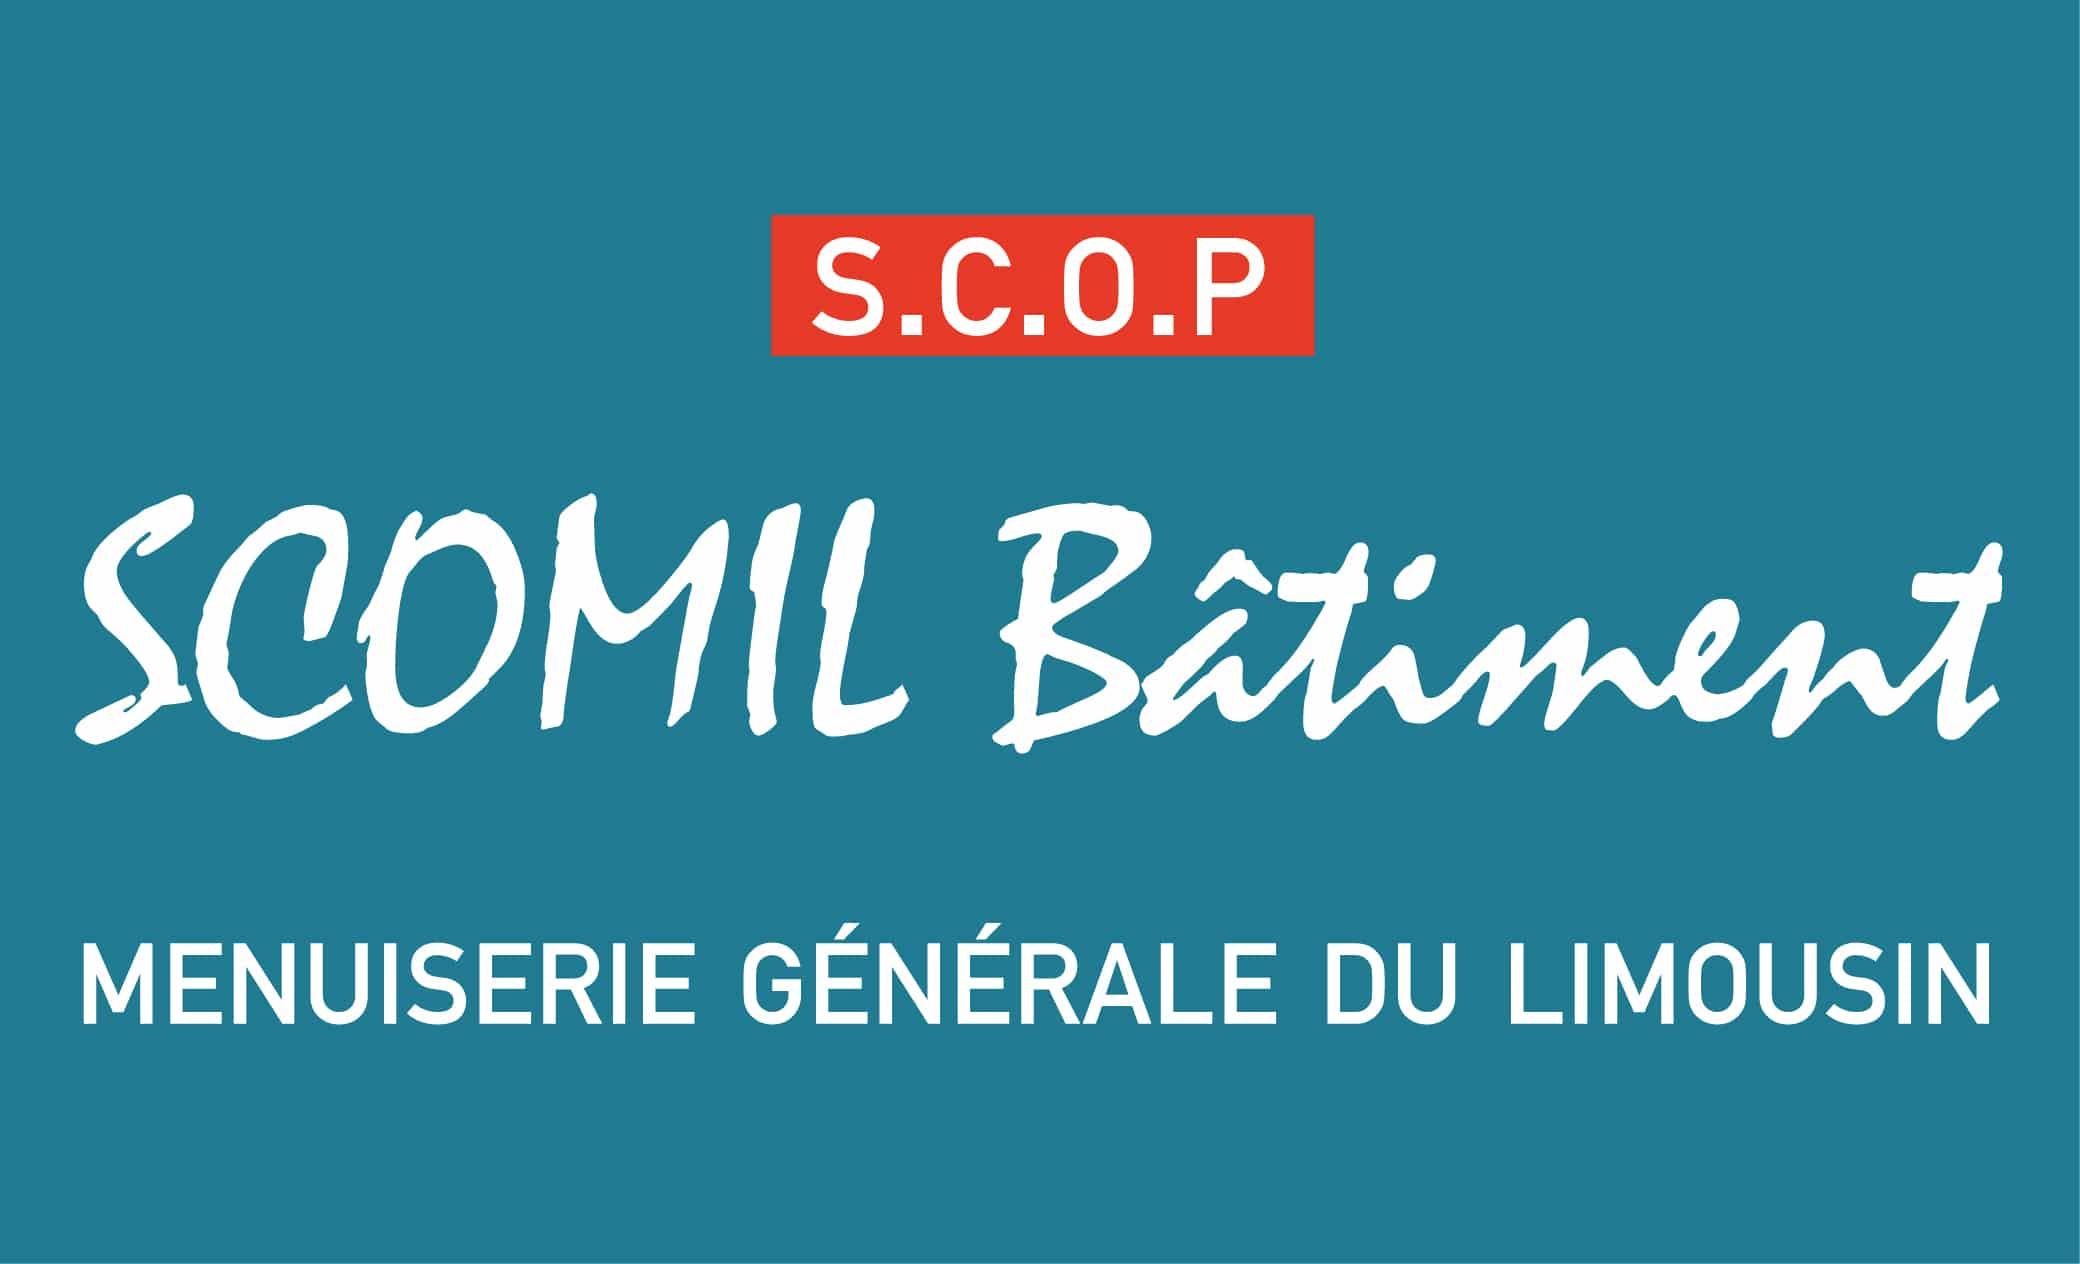 Nouvelles couleurs pour 2019 pour le logo de Scomil